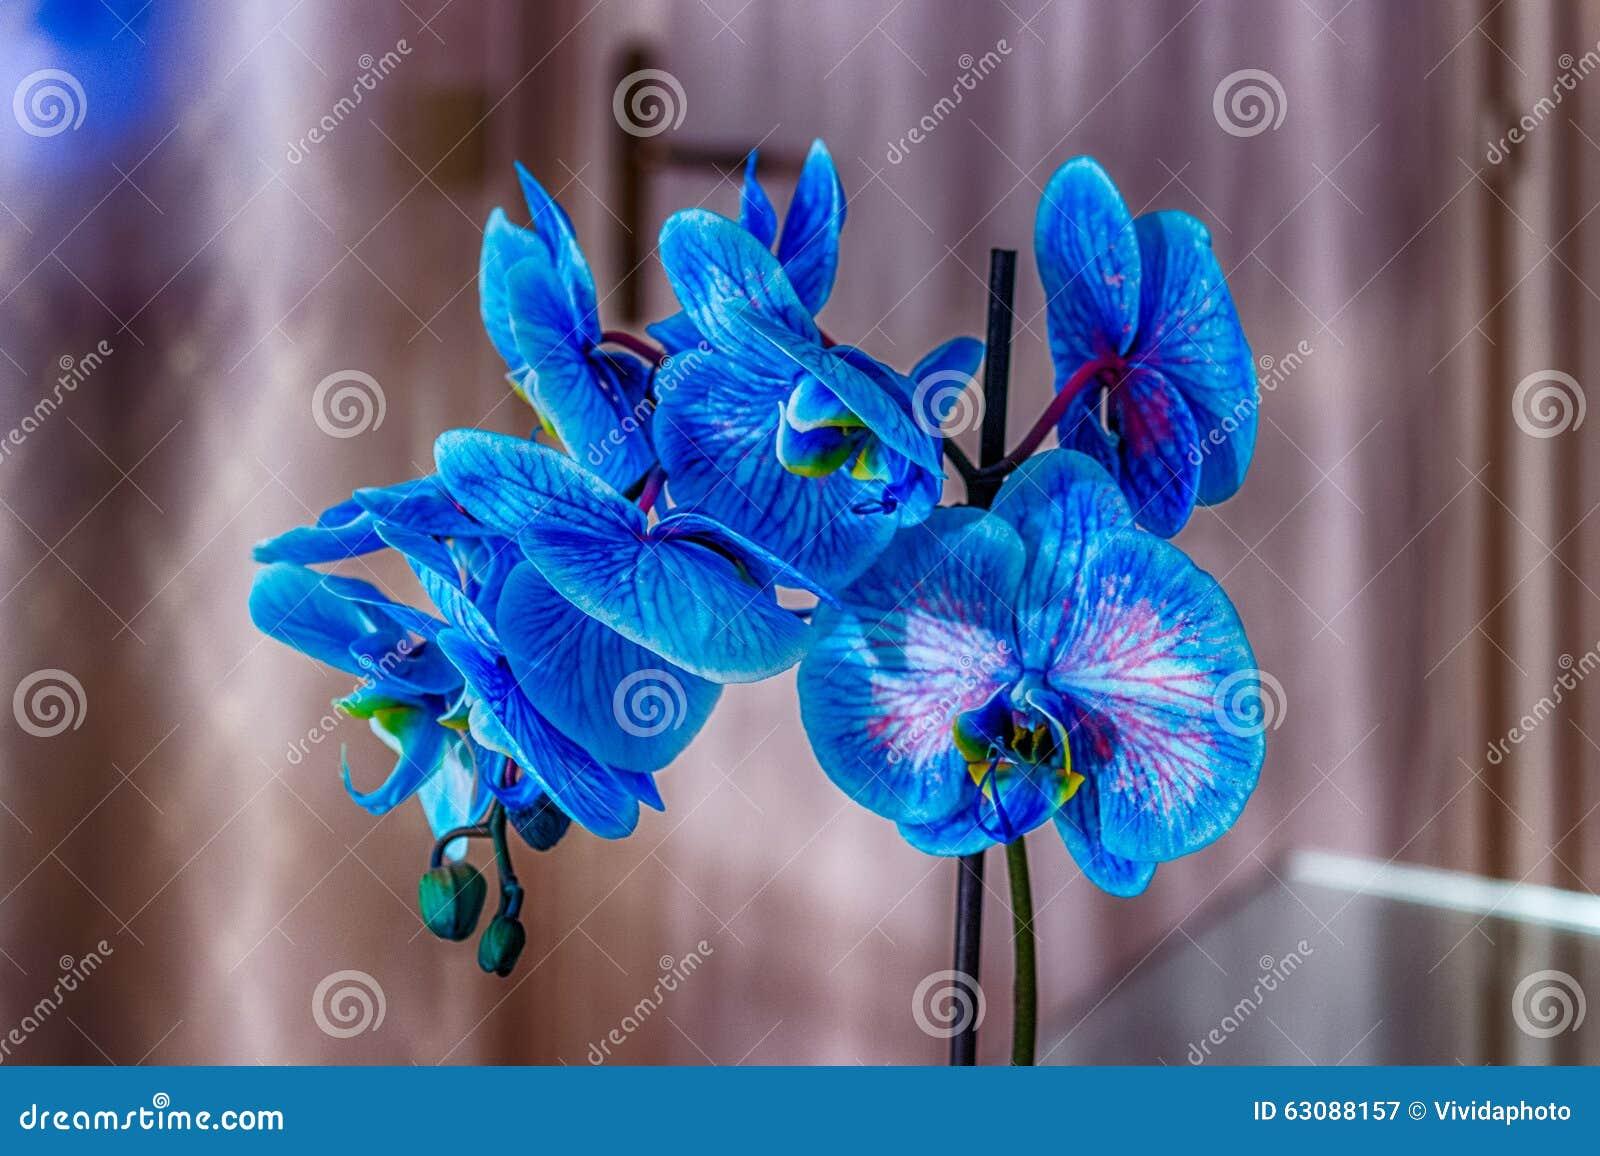 Download Orchidée bleue image stock. Image du fleur, pétale, closeup - 63088157